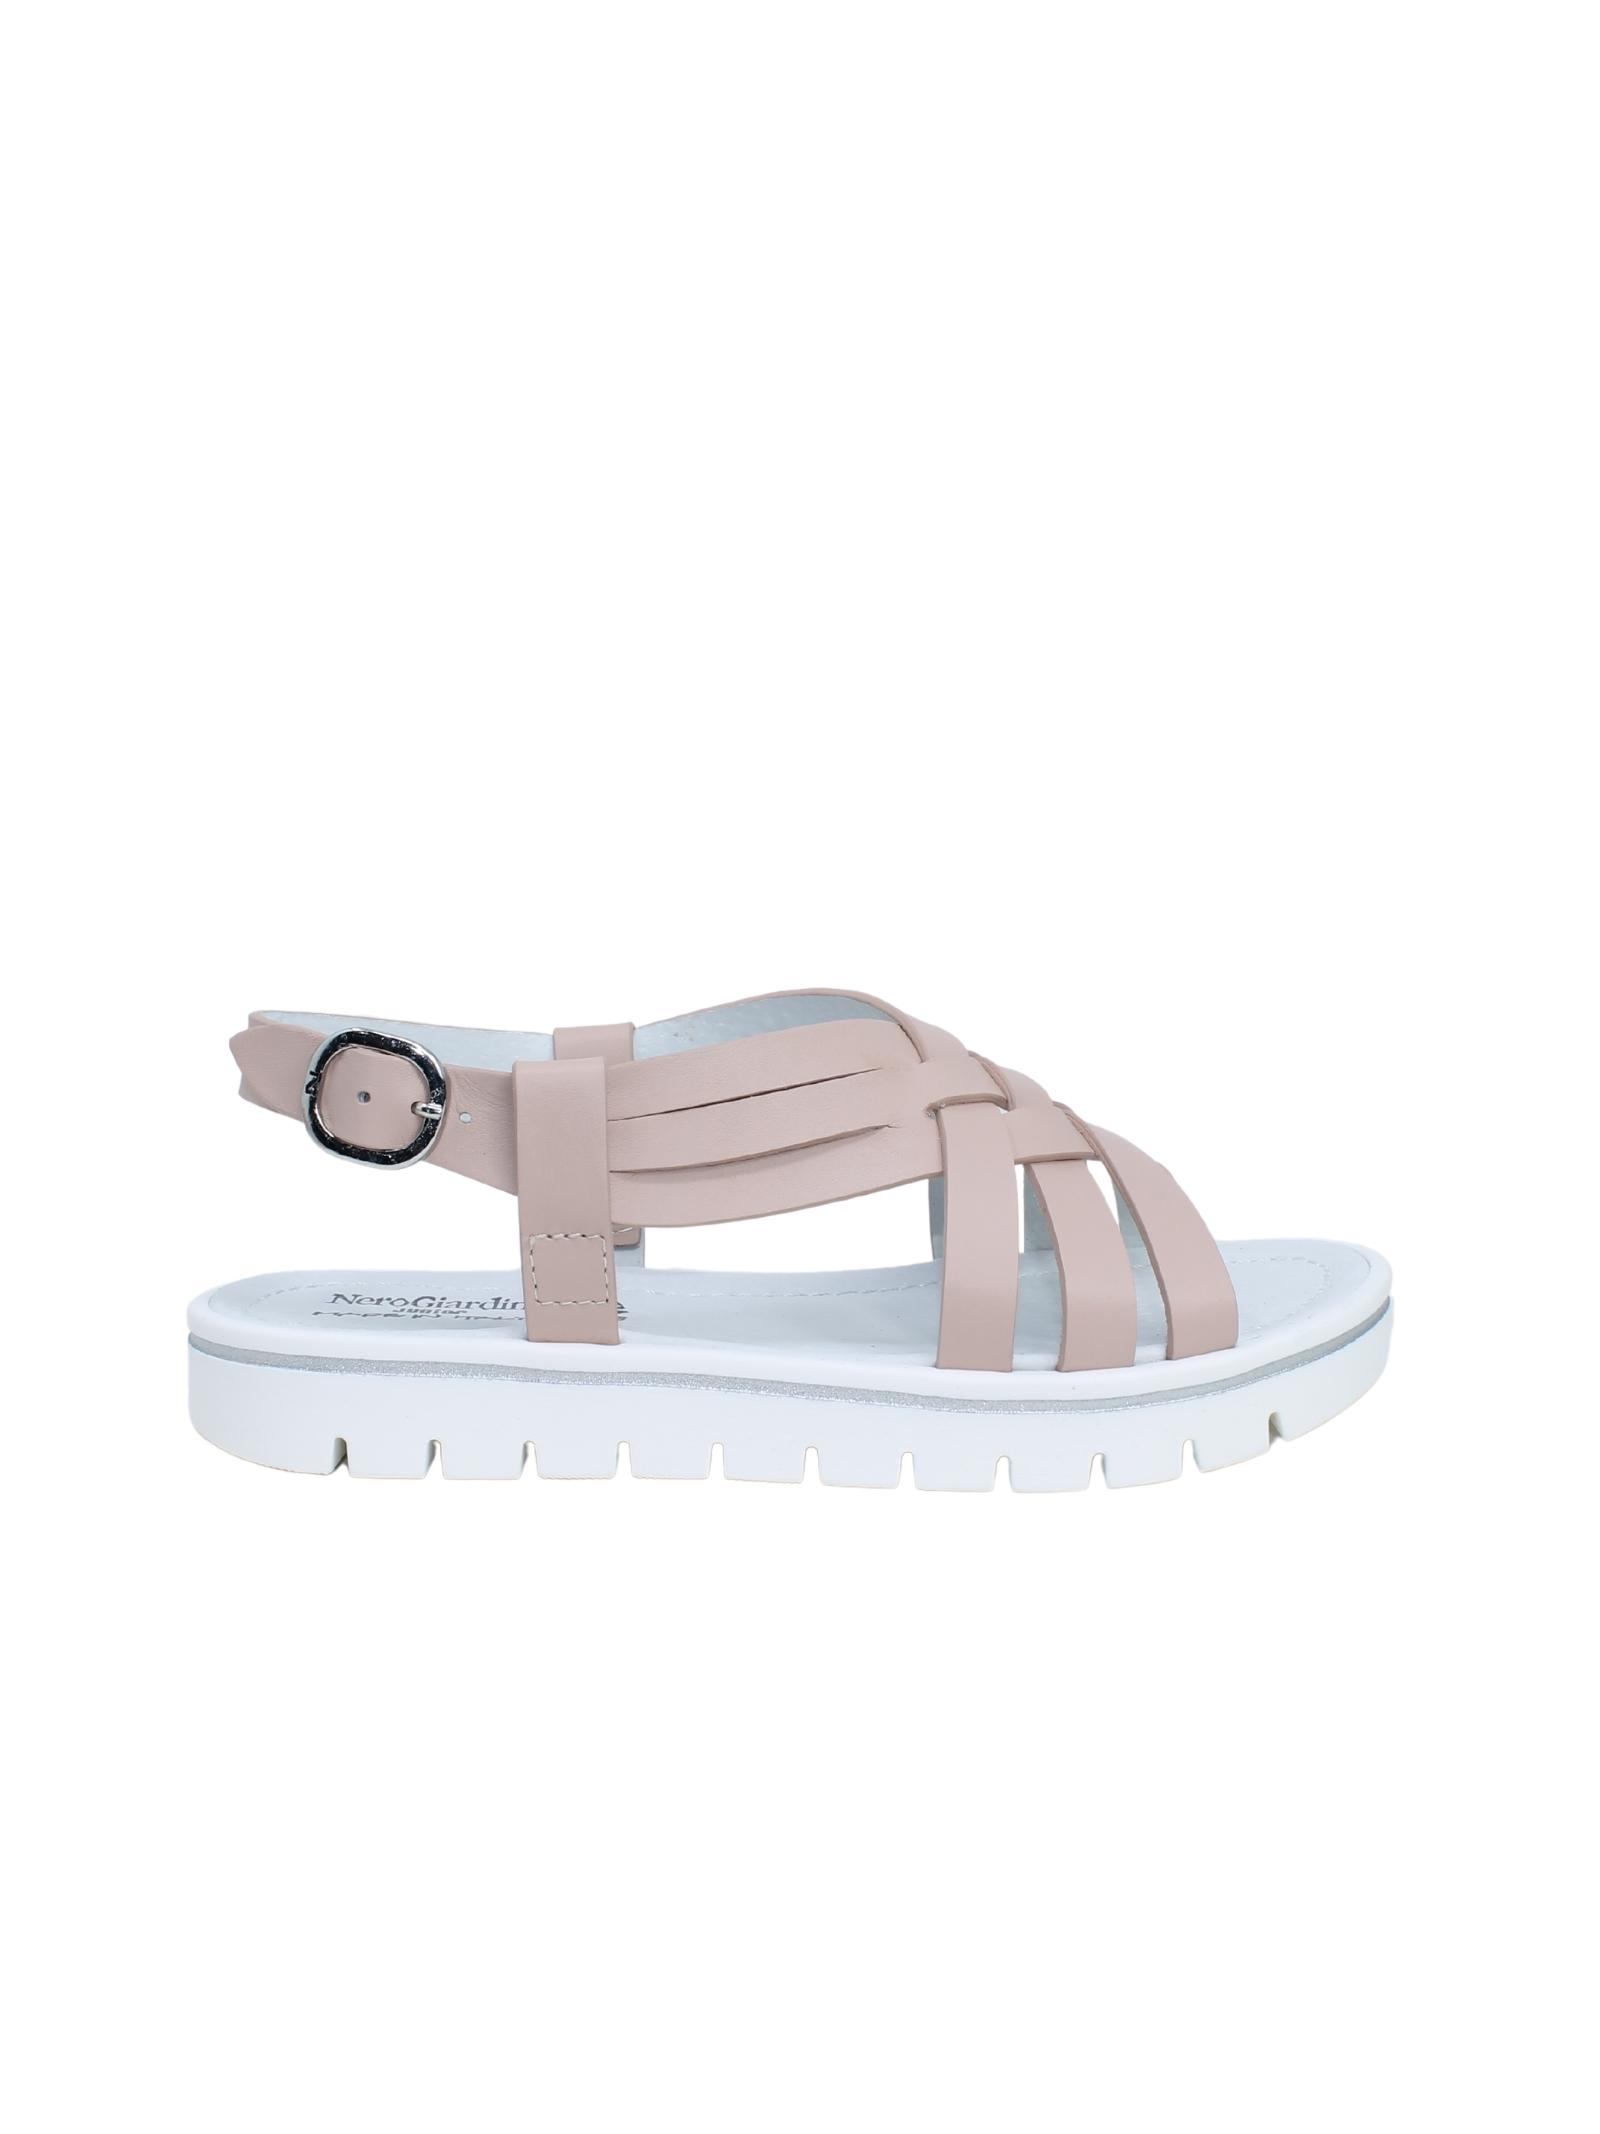 Sandalo Bambina Intreccio NERO GIARDINI JUNIOR | Sandali | E131910F631